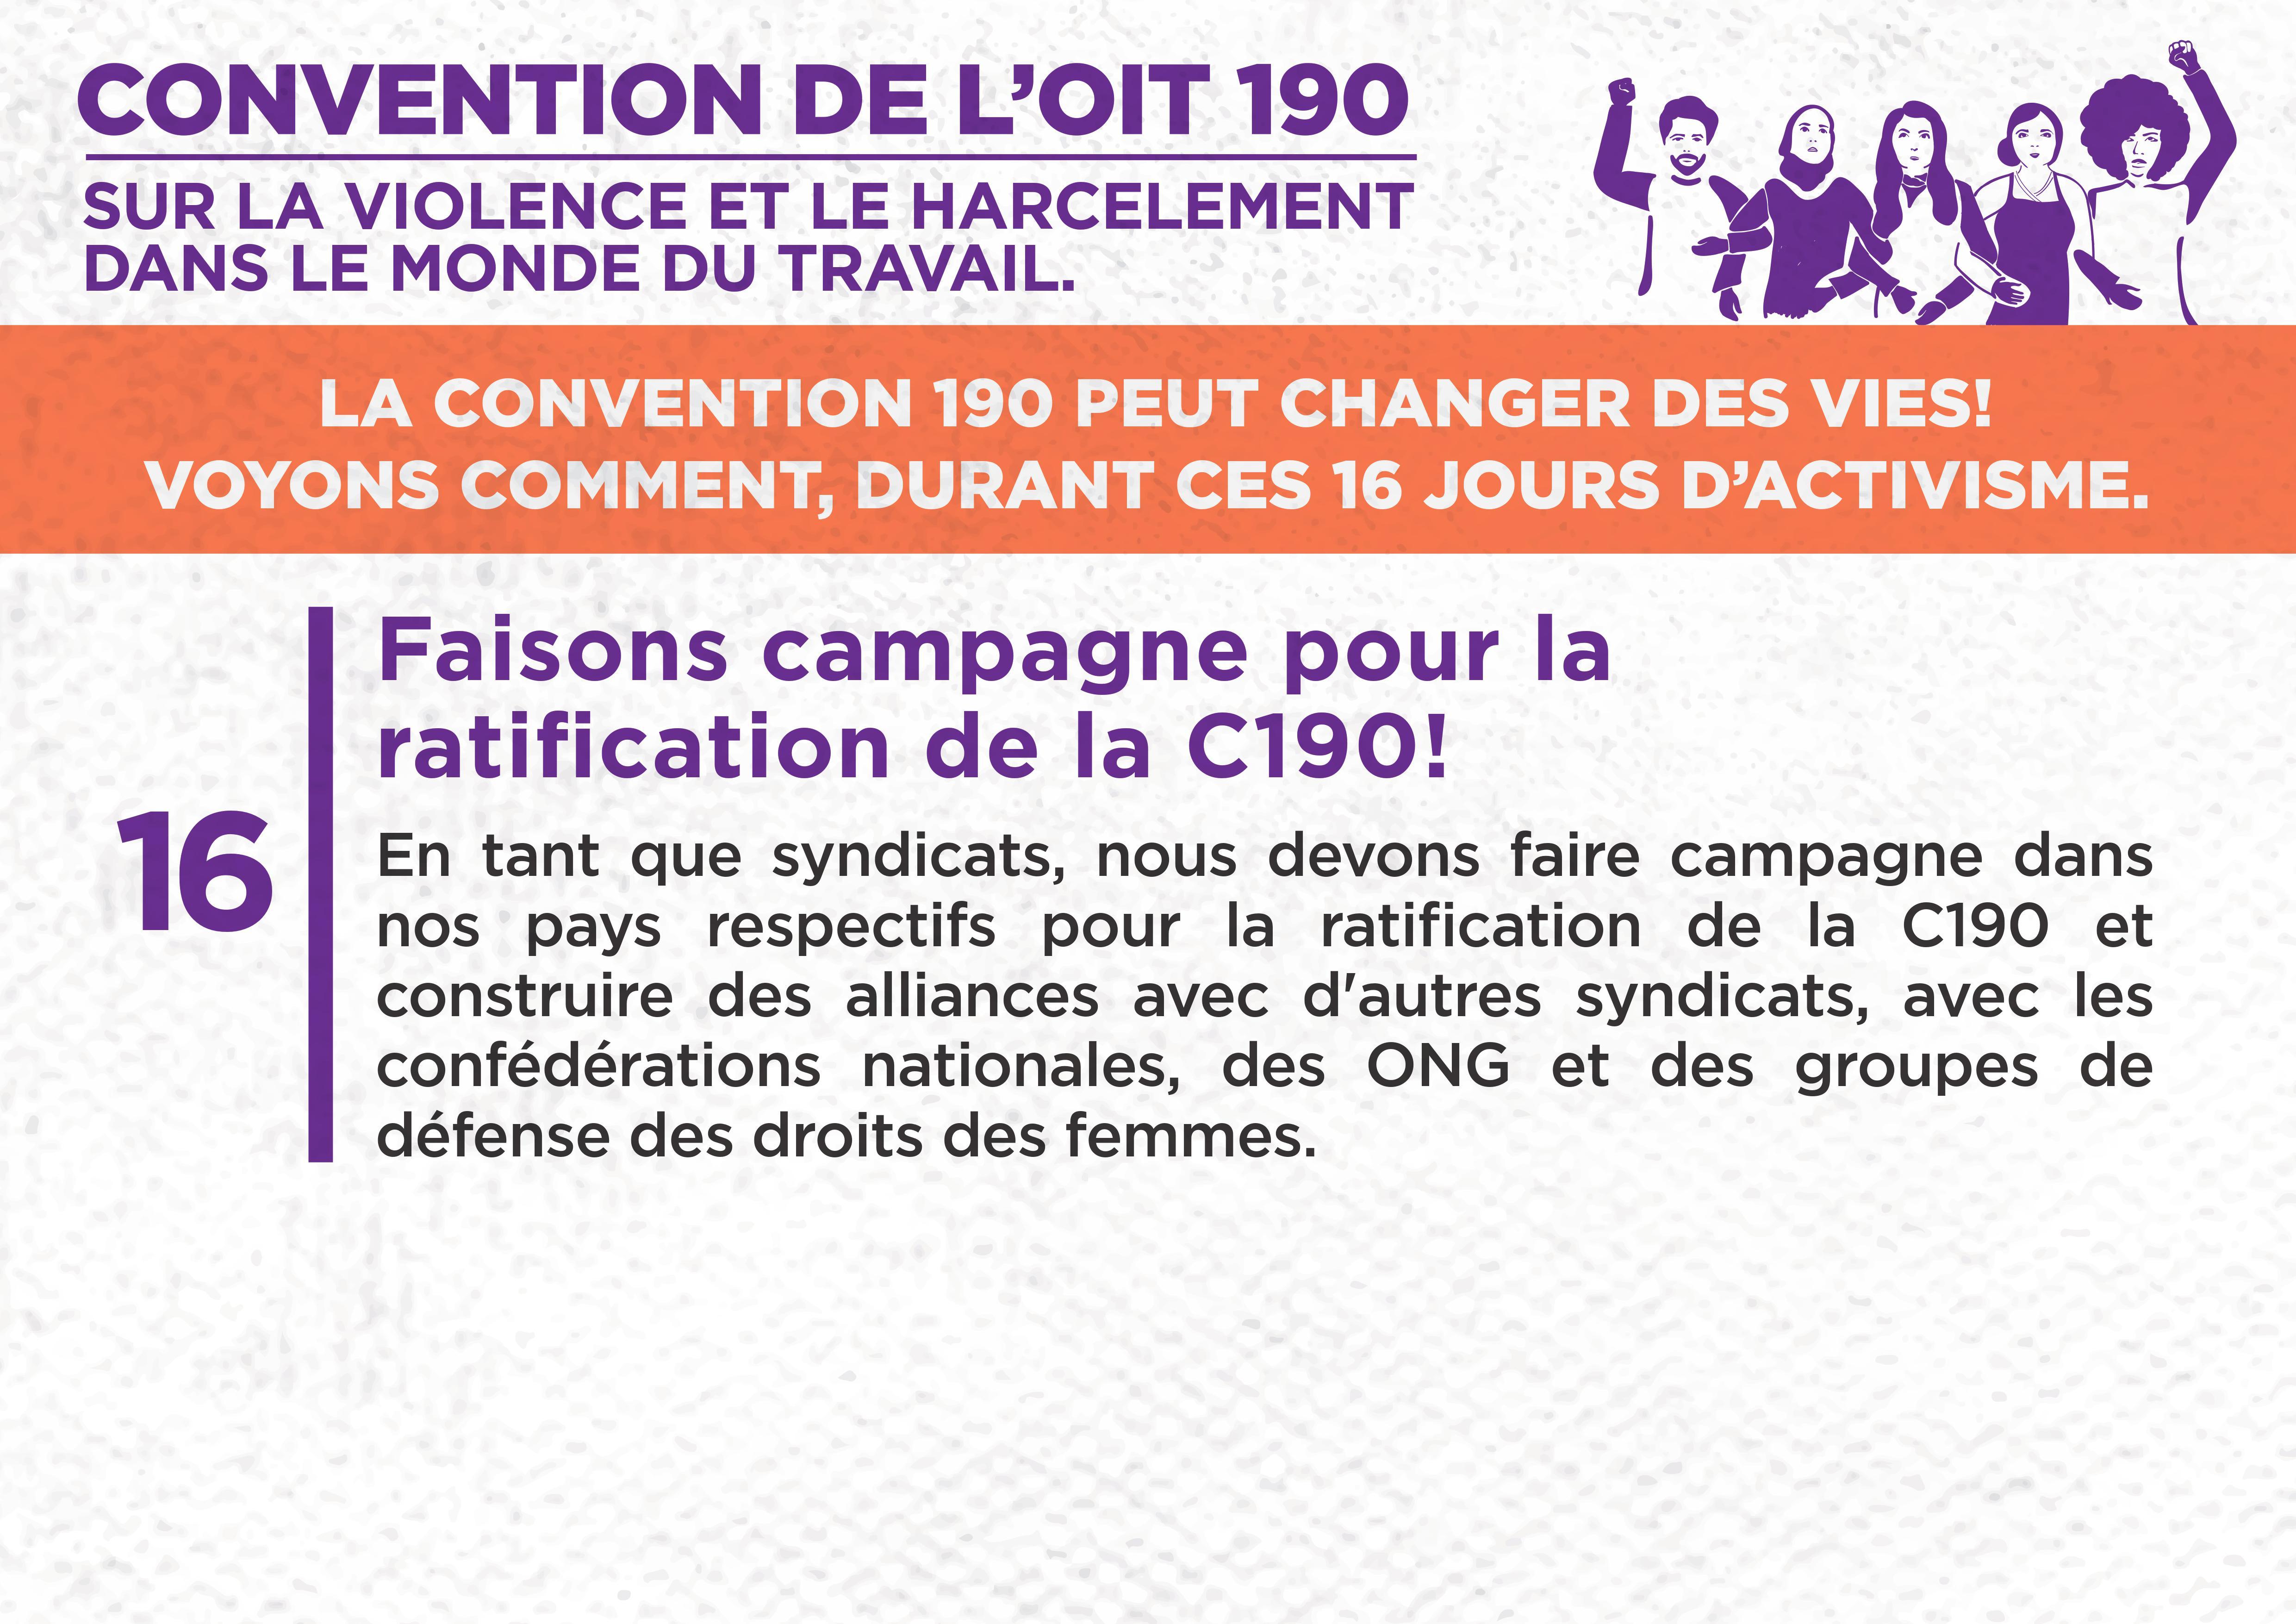 16. Faisons campagne pour la ratification de la C190 !